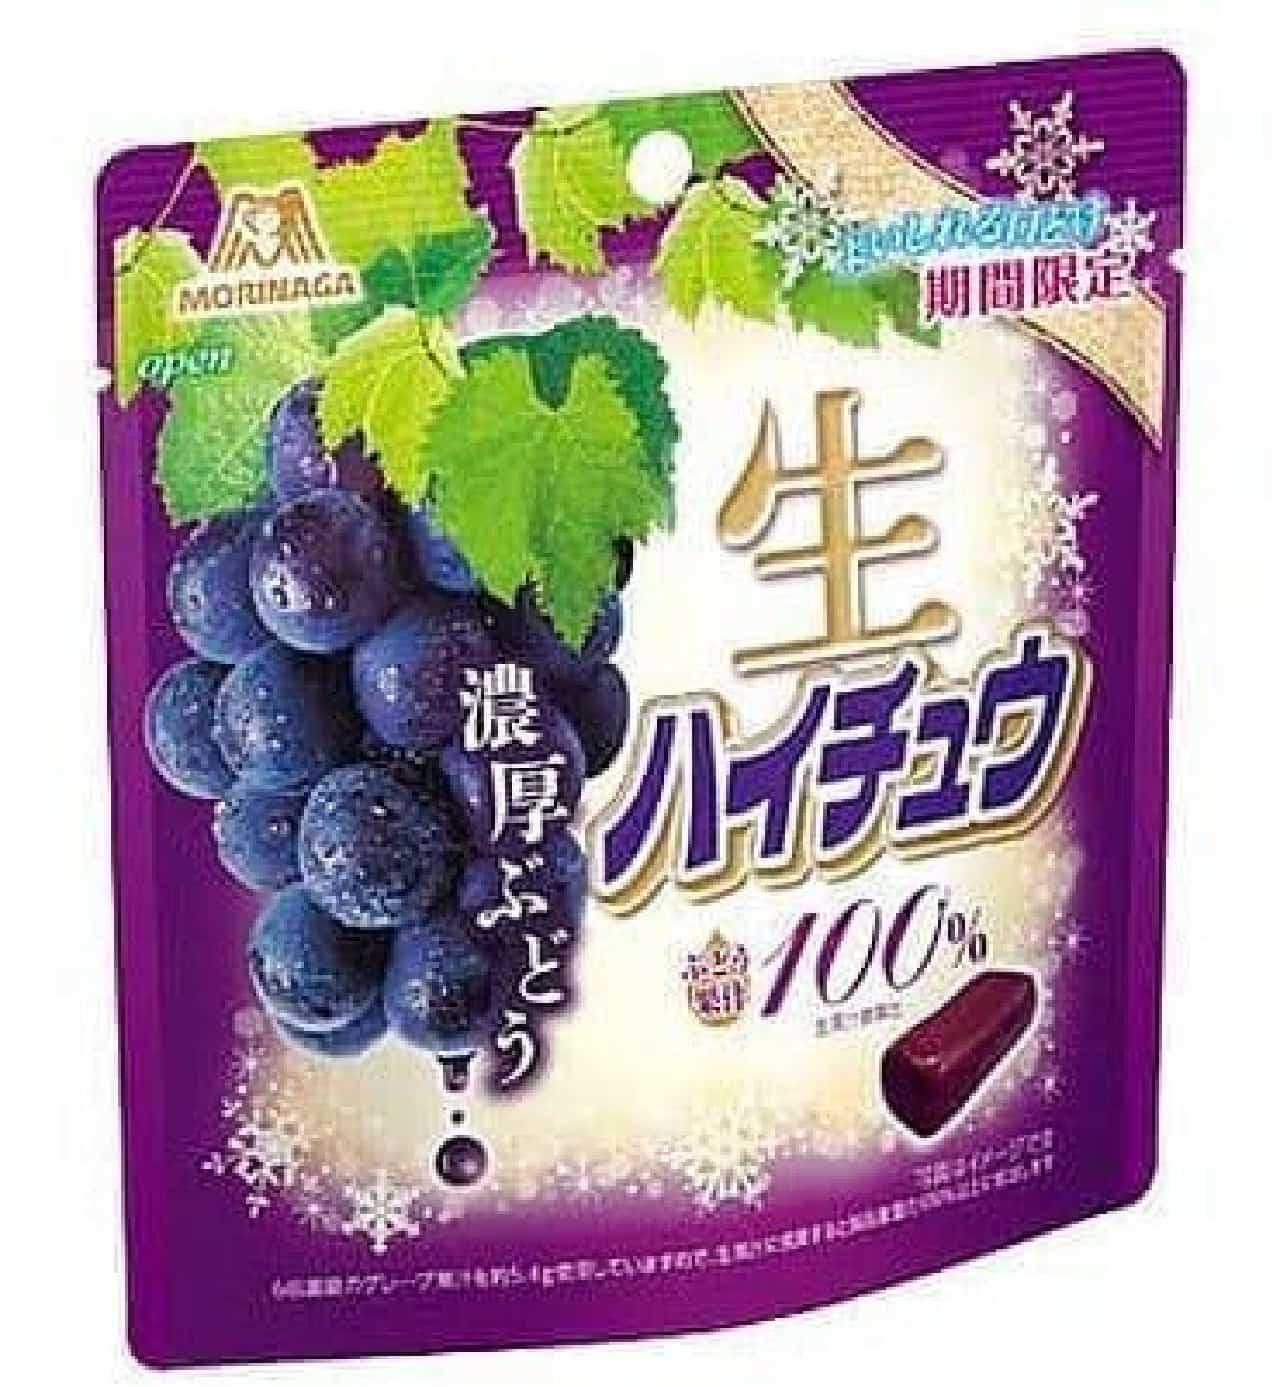 森永製菓「生ハイチュウ<濃厚ぶどう>」